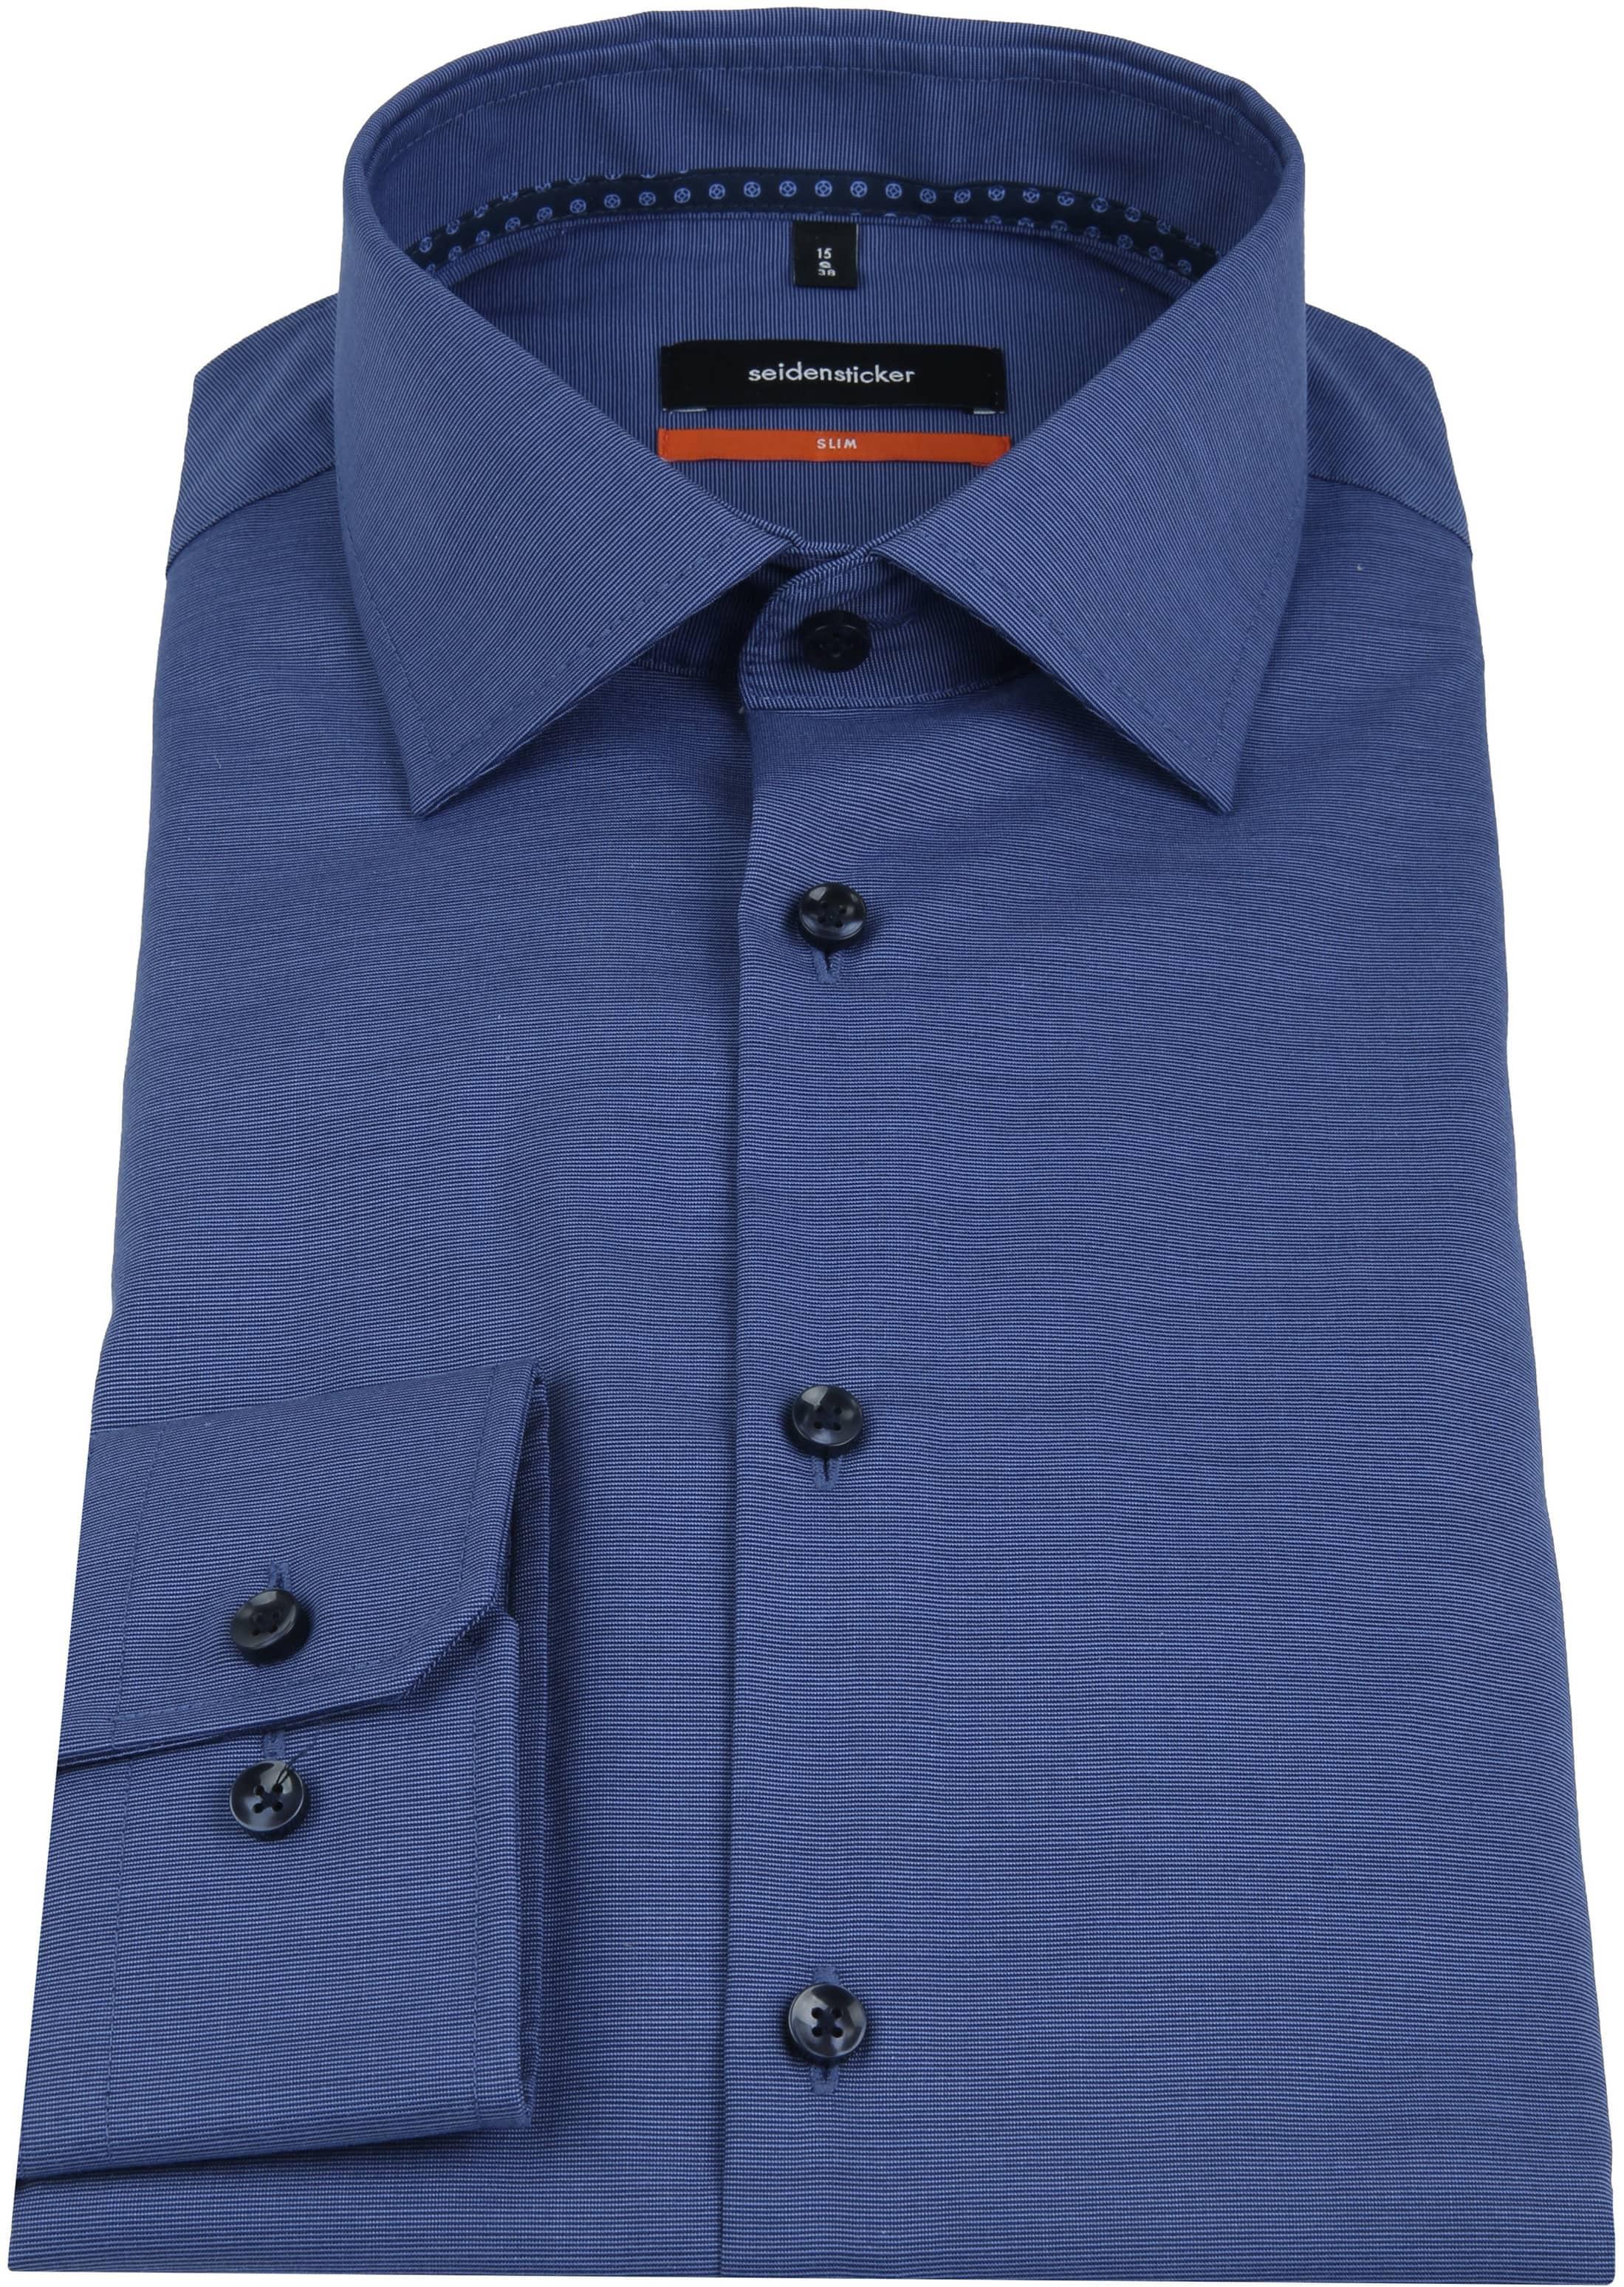 Seidensticker Overhemd Slim-Fit Navy foto 3